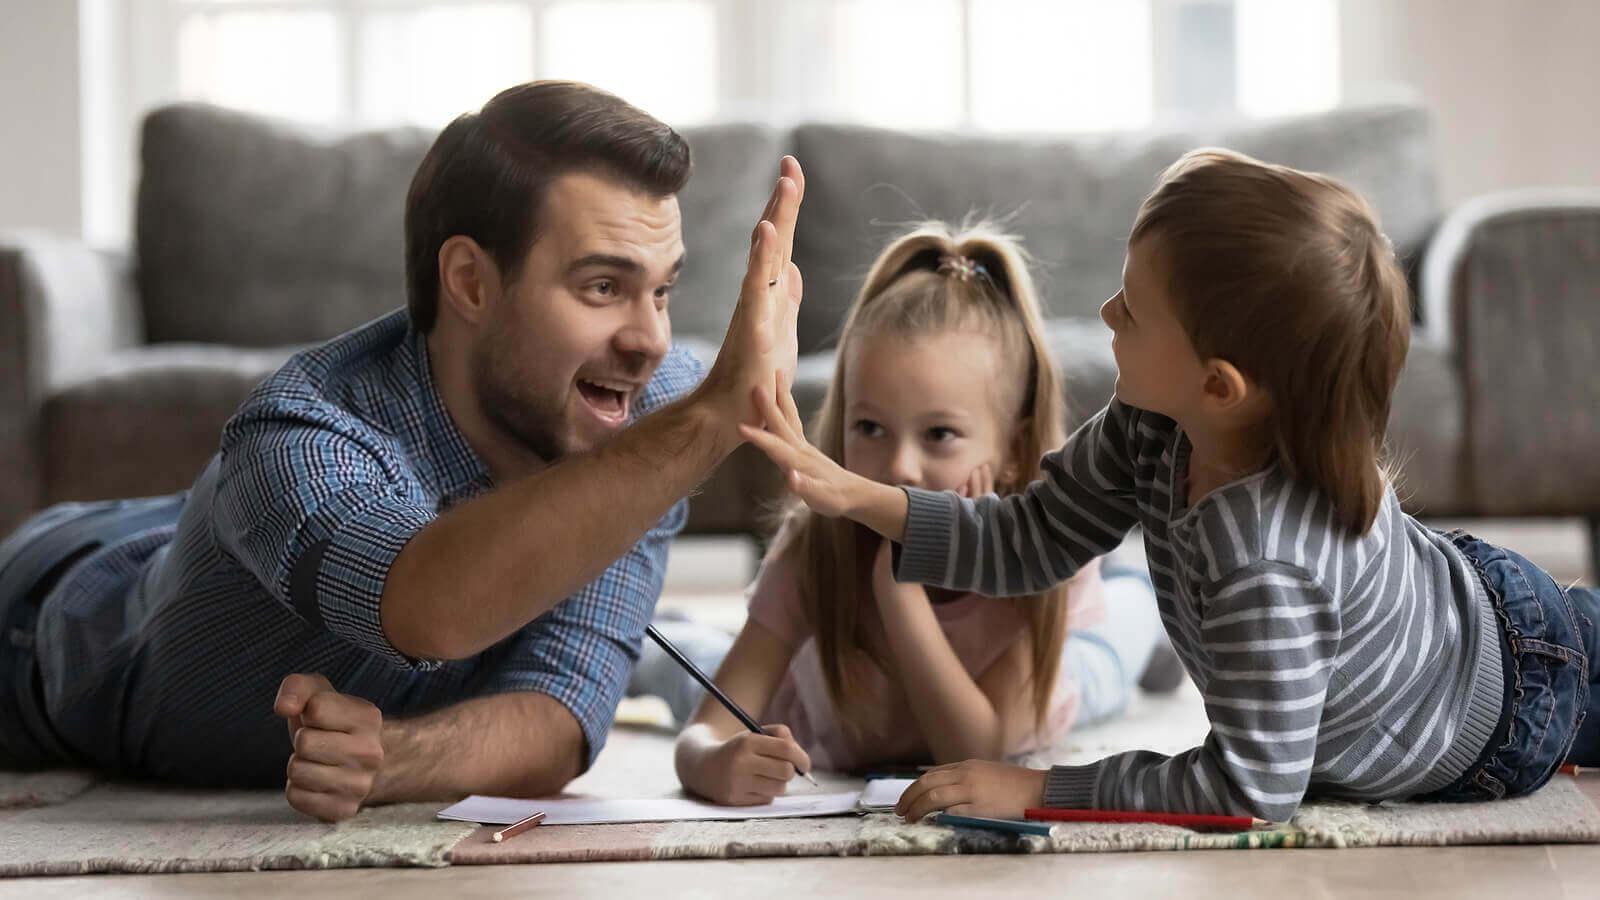 Dê opções ao seu filho ao invés de dizer o que ele deve fazer